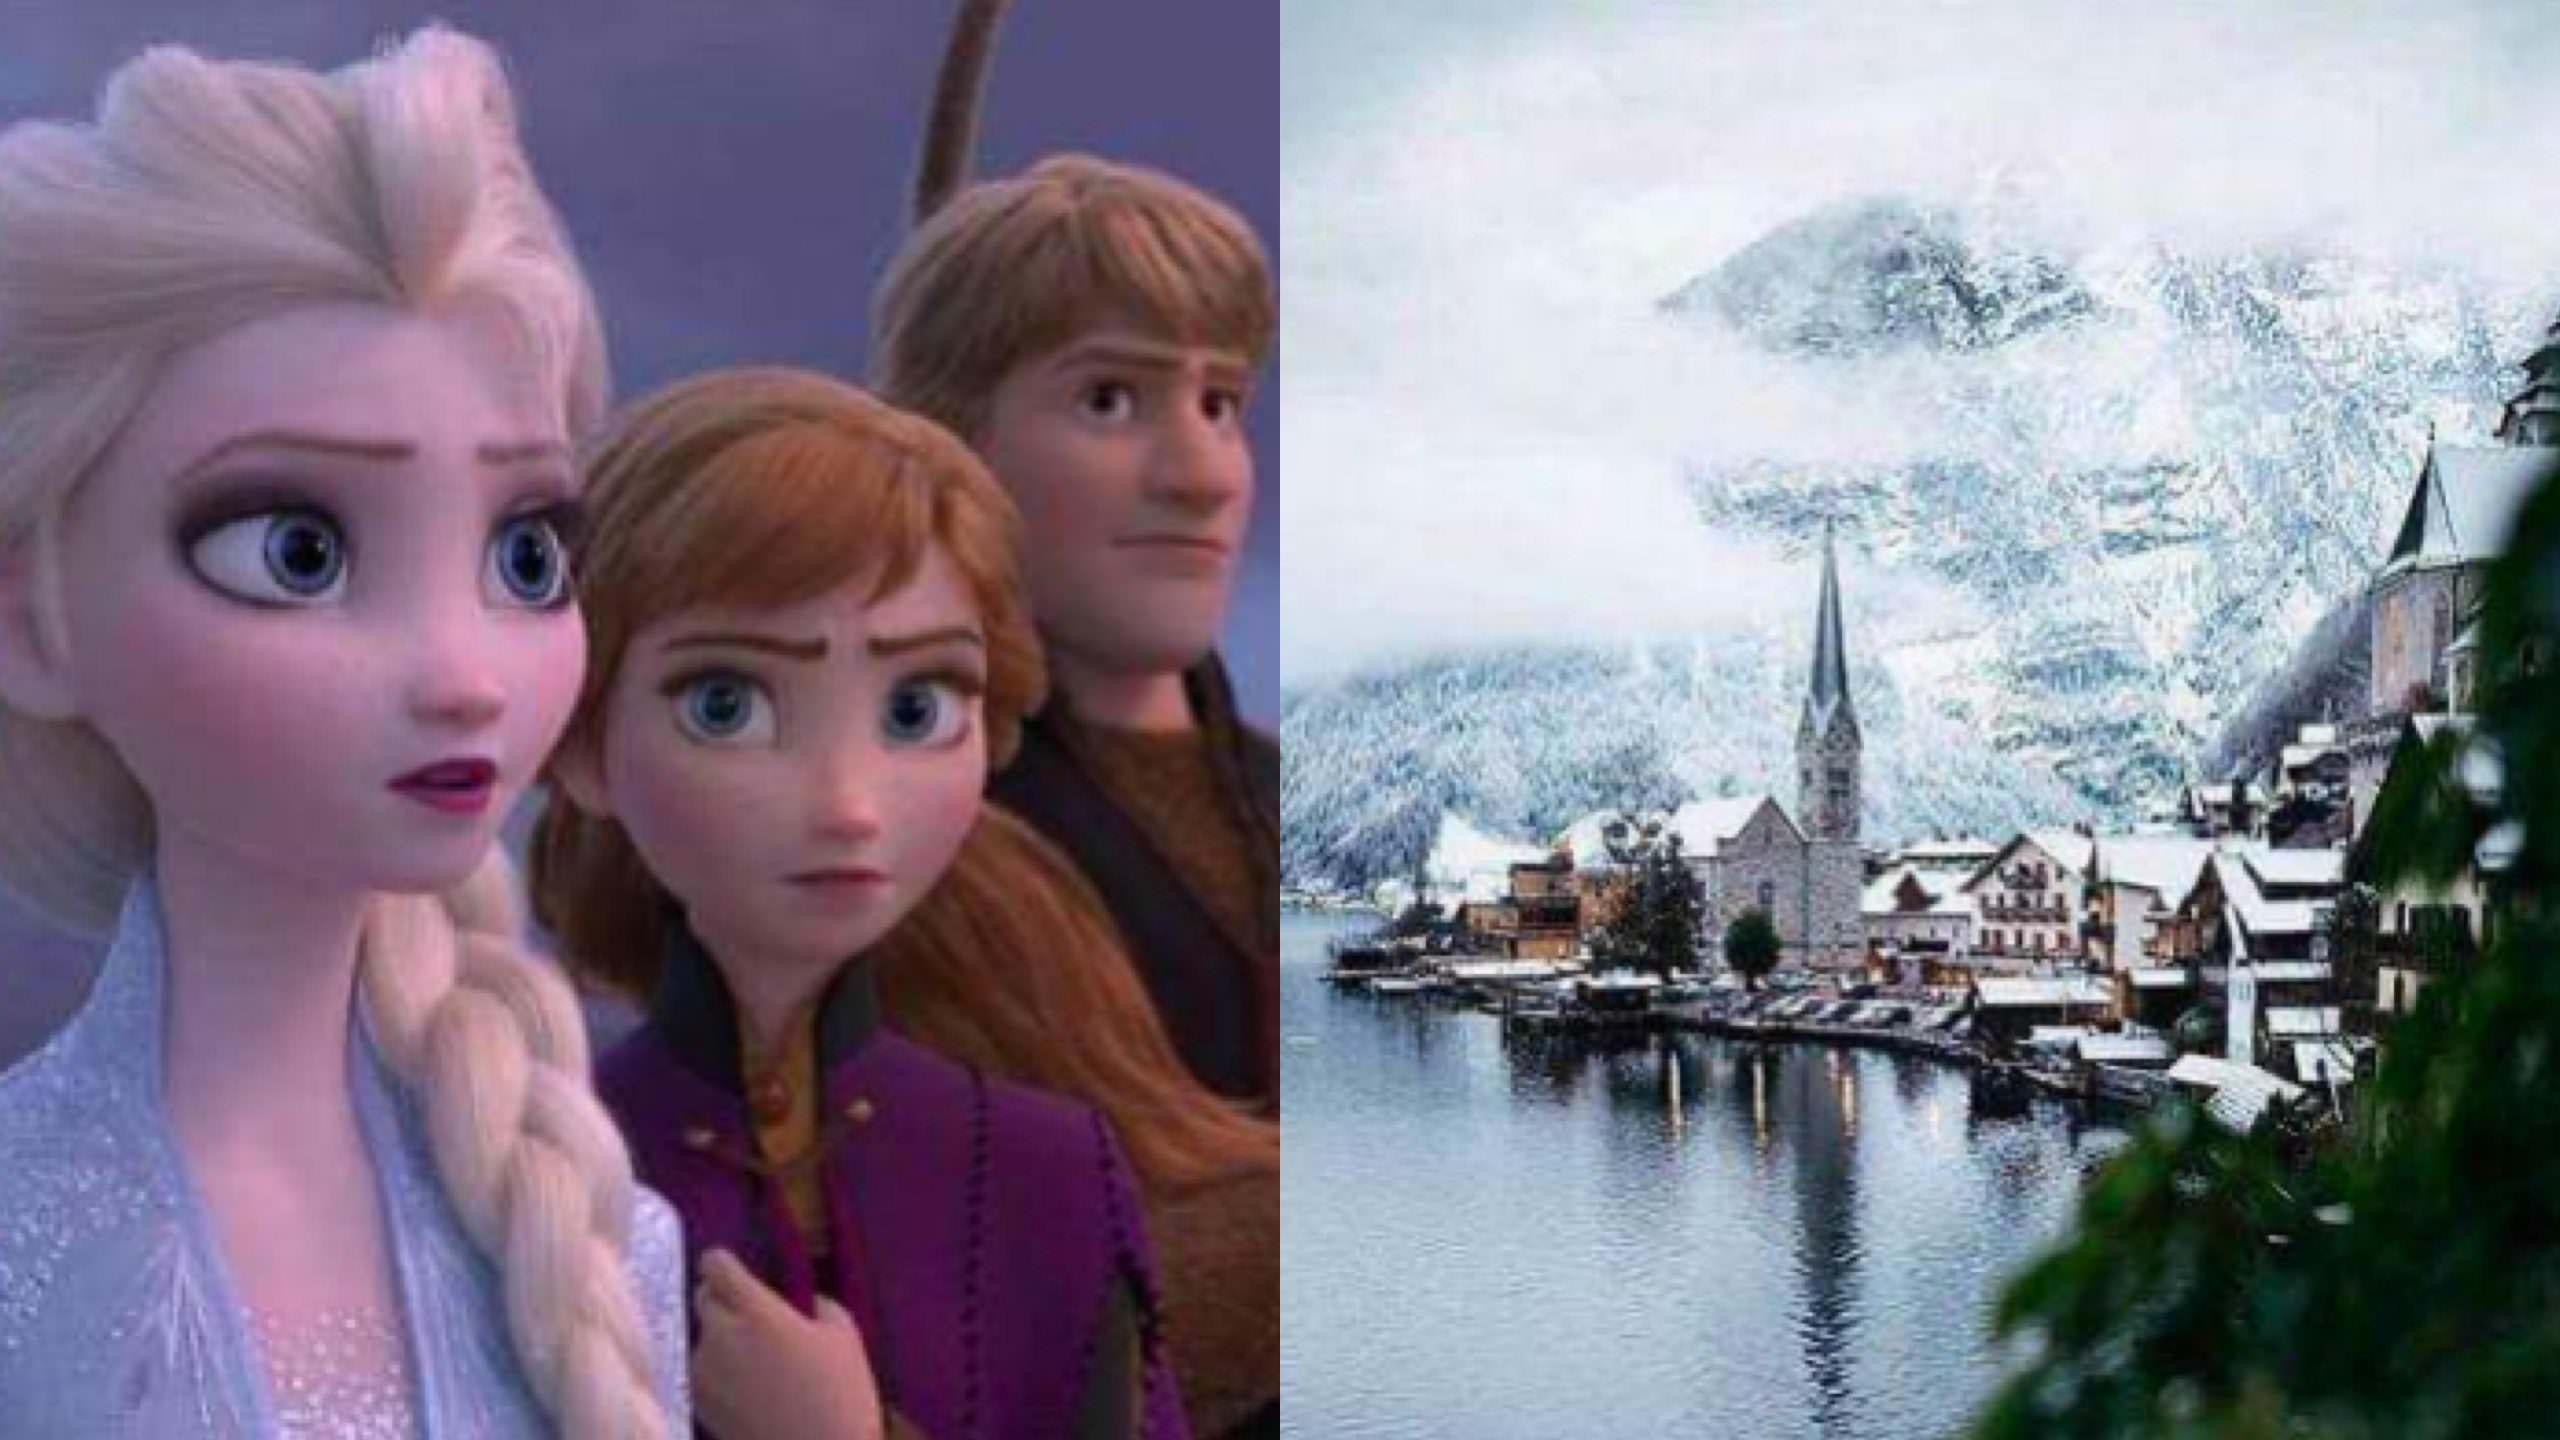 《冰雪奇緣》正在「逼瘋」這一座小鎮,電影真實場景全部來自這裡! – 我們用電影寫日記